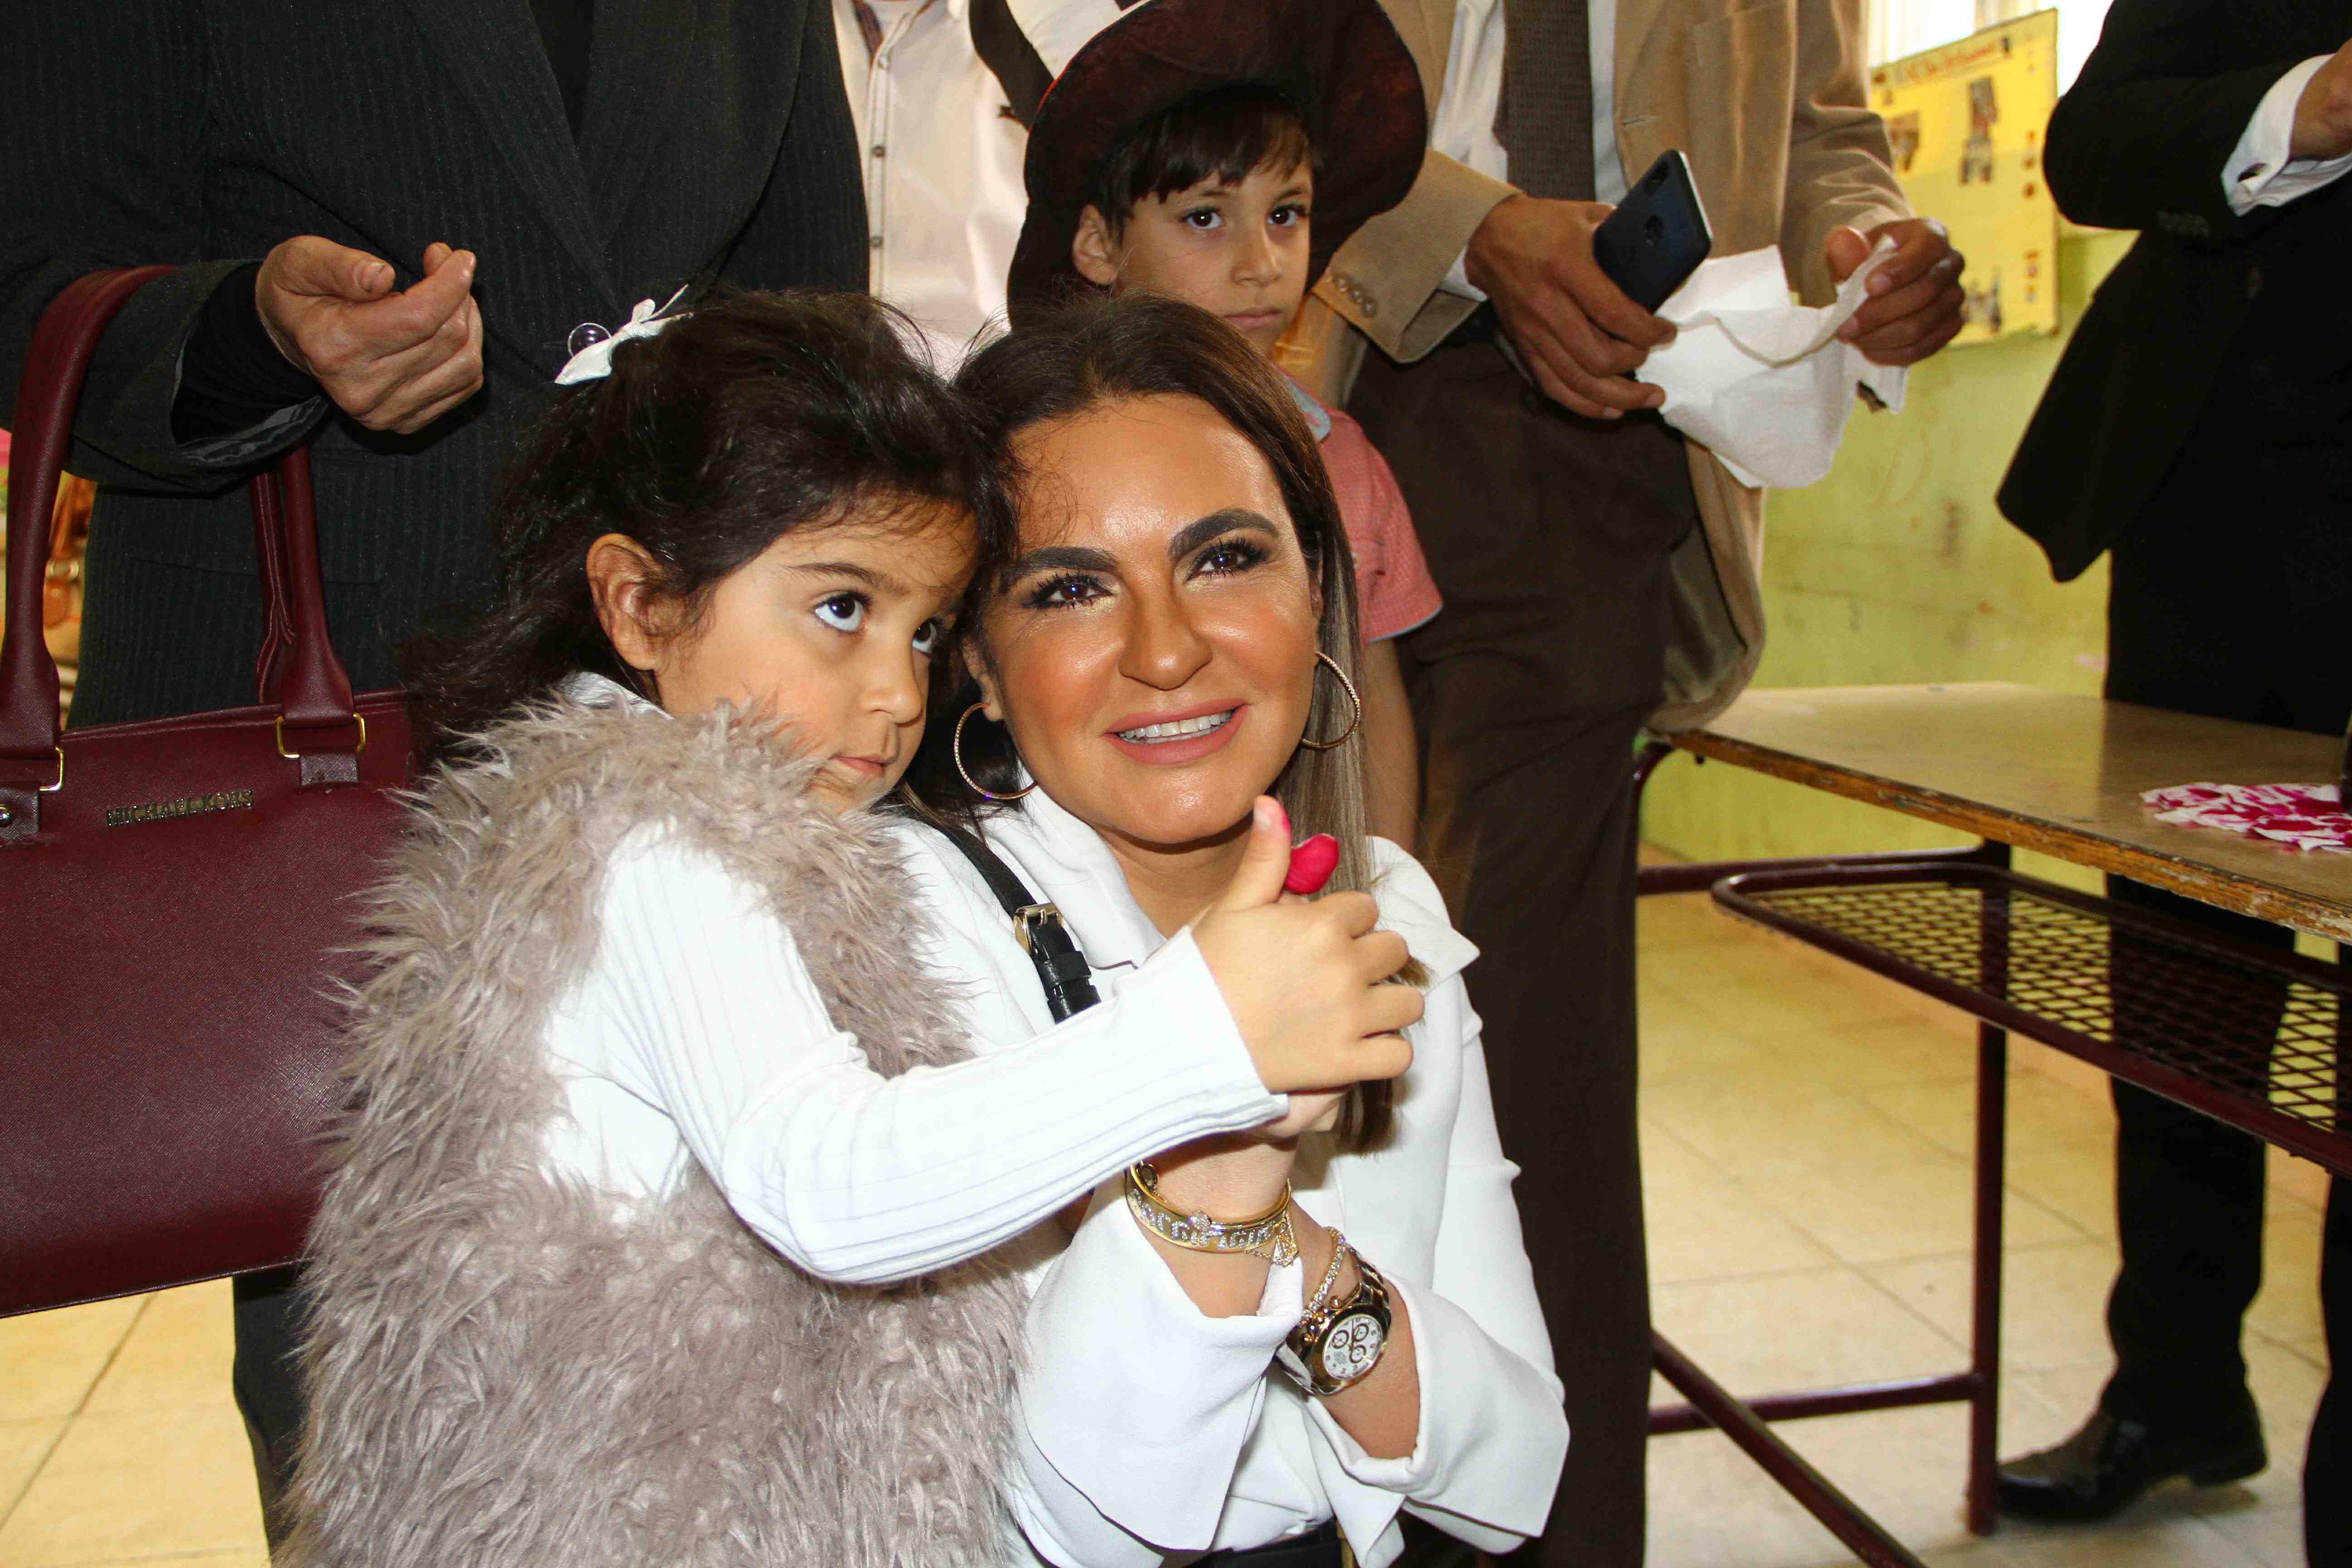 وزيرة الاستثمار تصطحب حفيدتها فى التصويت على التعديلات الدستورية55